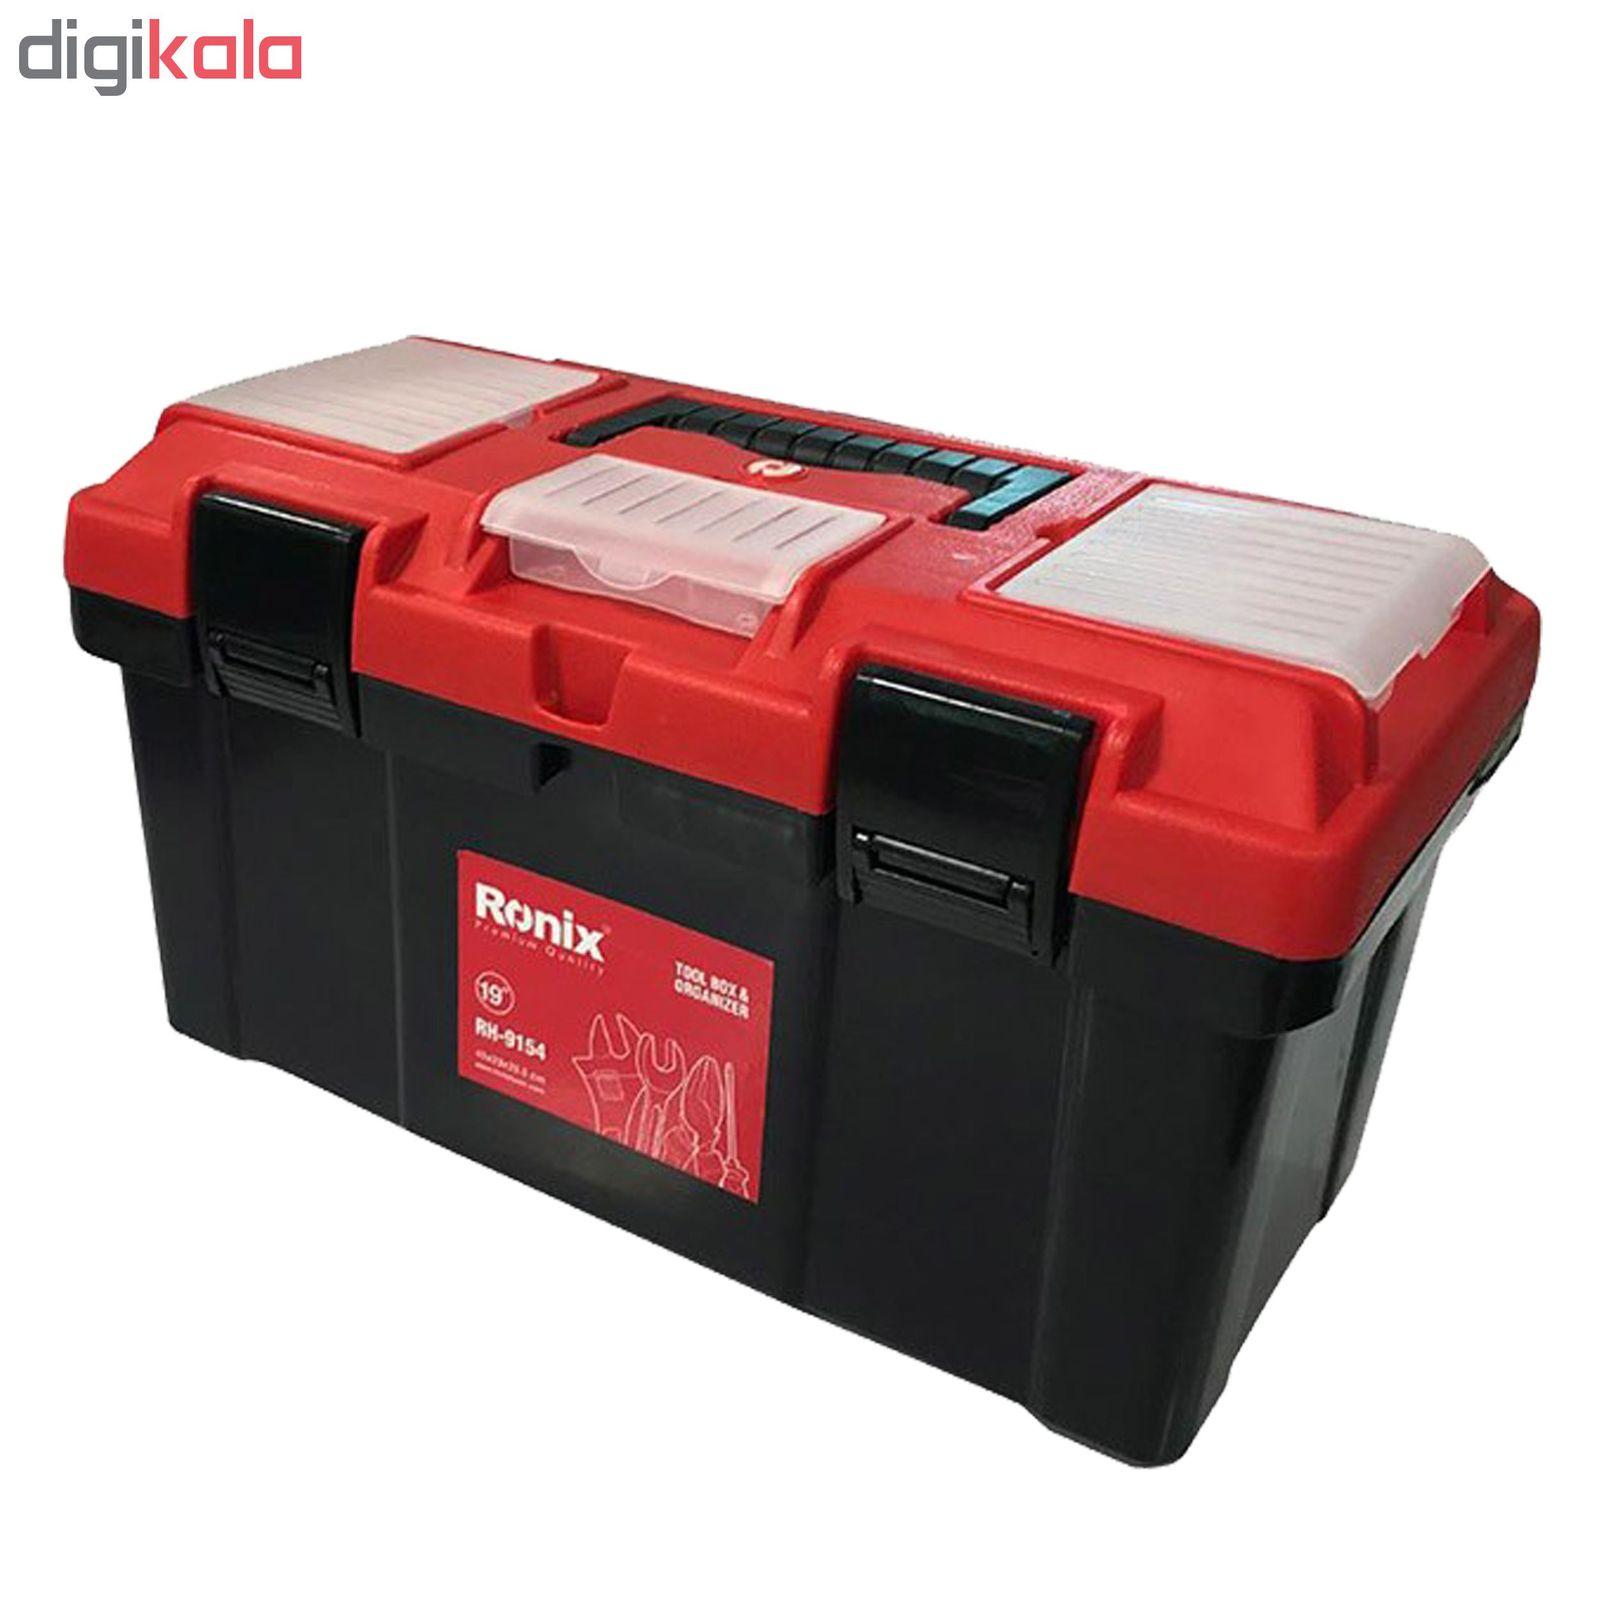 جعبه ابزار رونیکس مدل 9154 - RH main 1 1